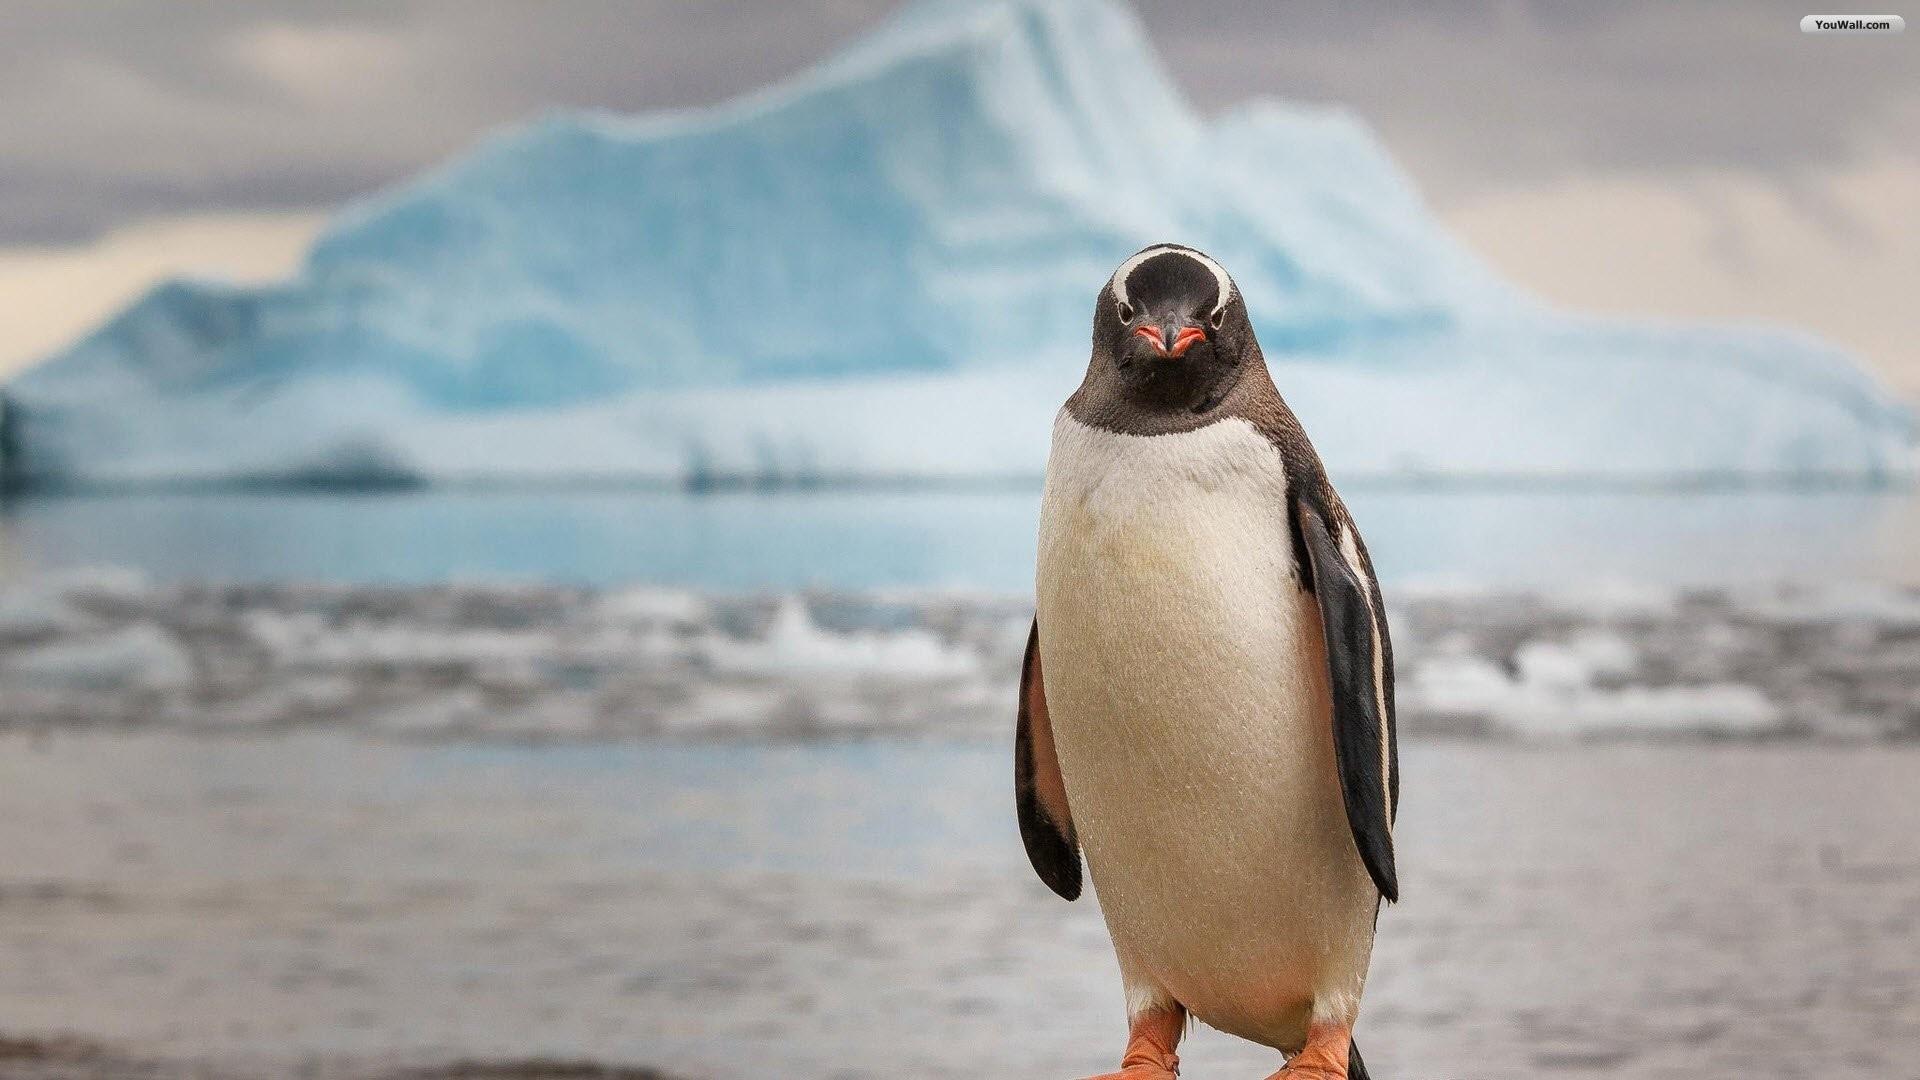 Penguin Wallpaper for pc